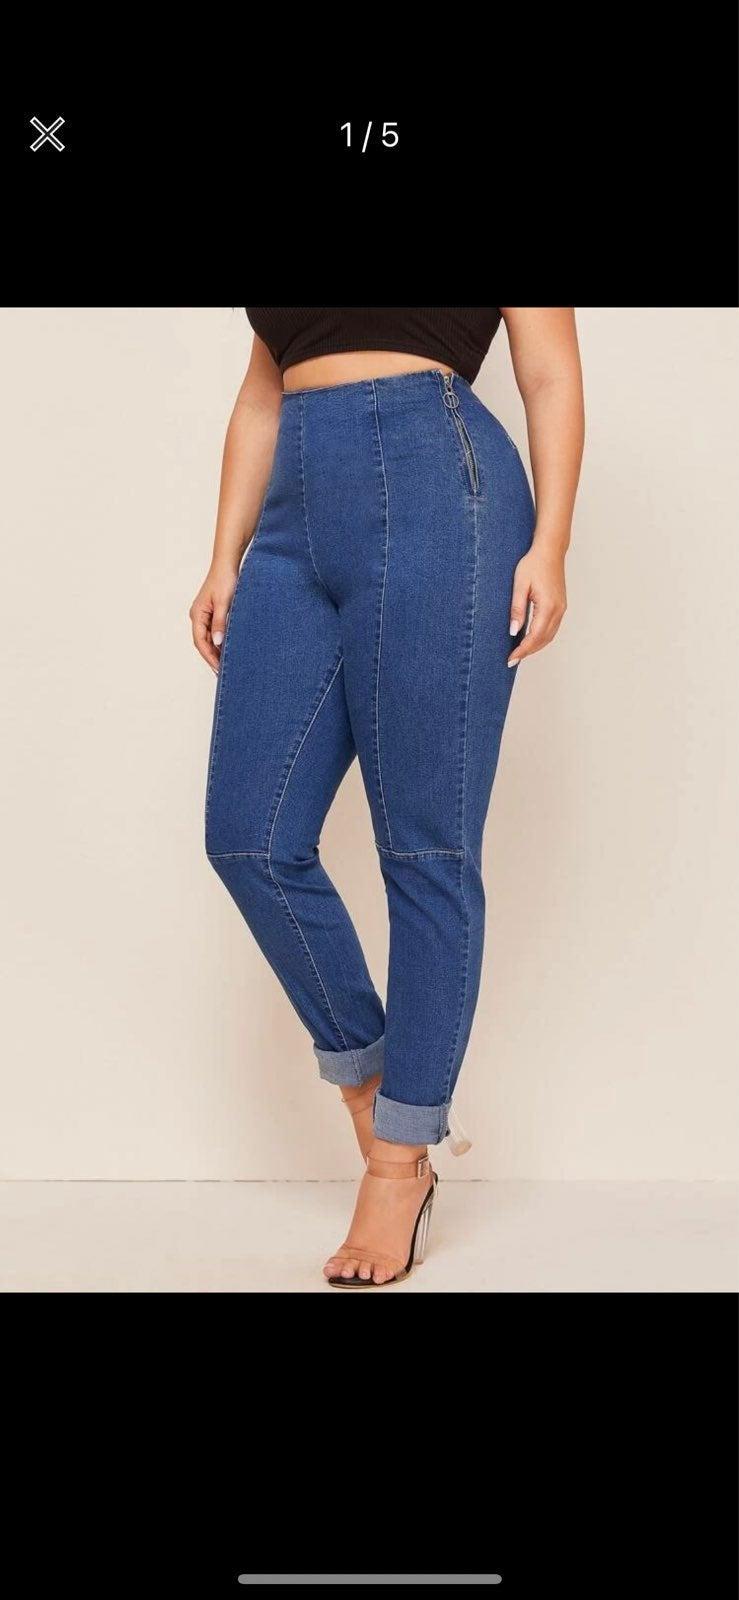 Hemmed skinny jeans